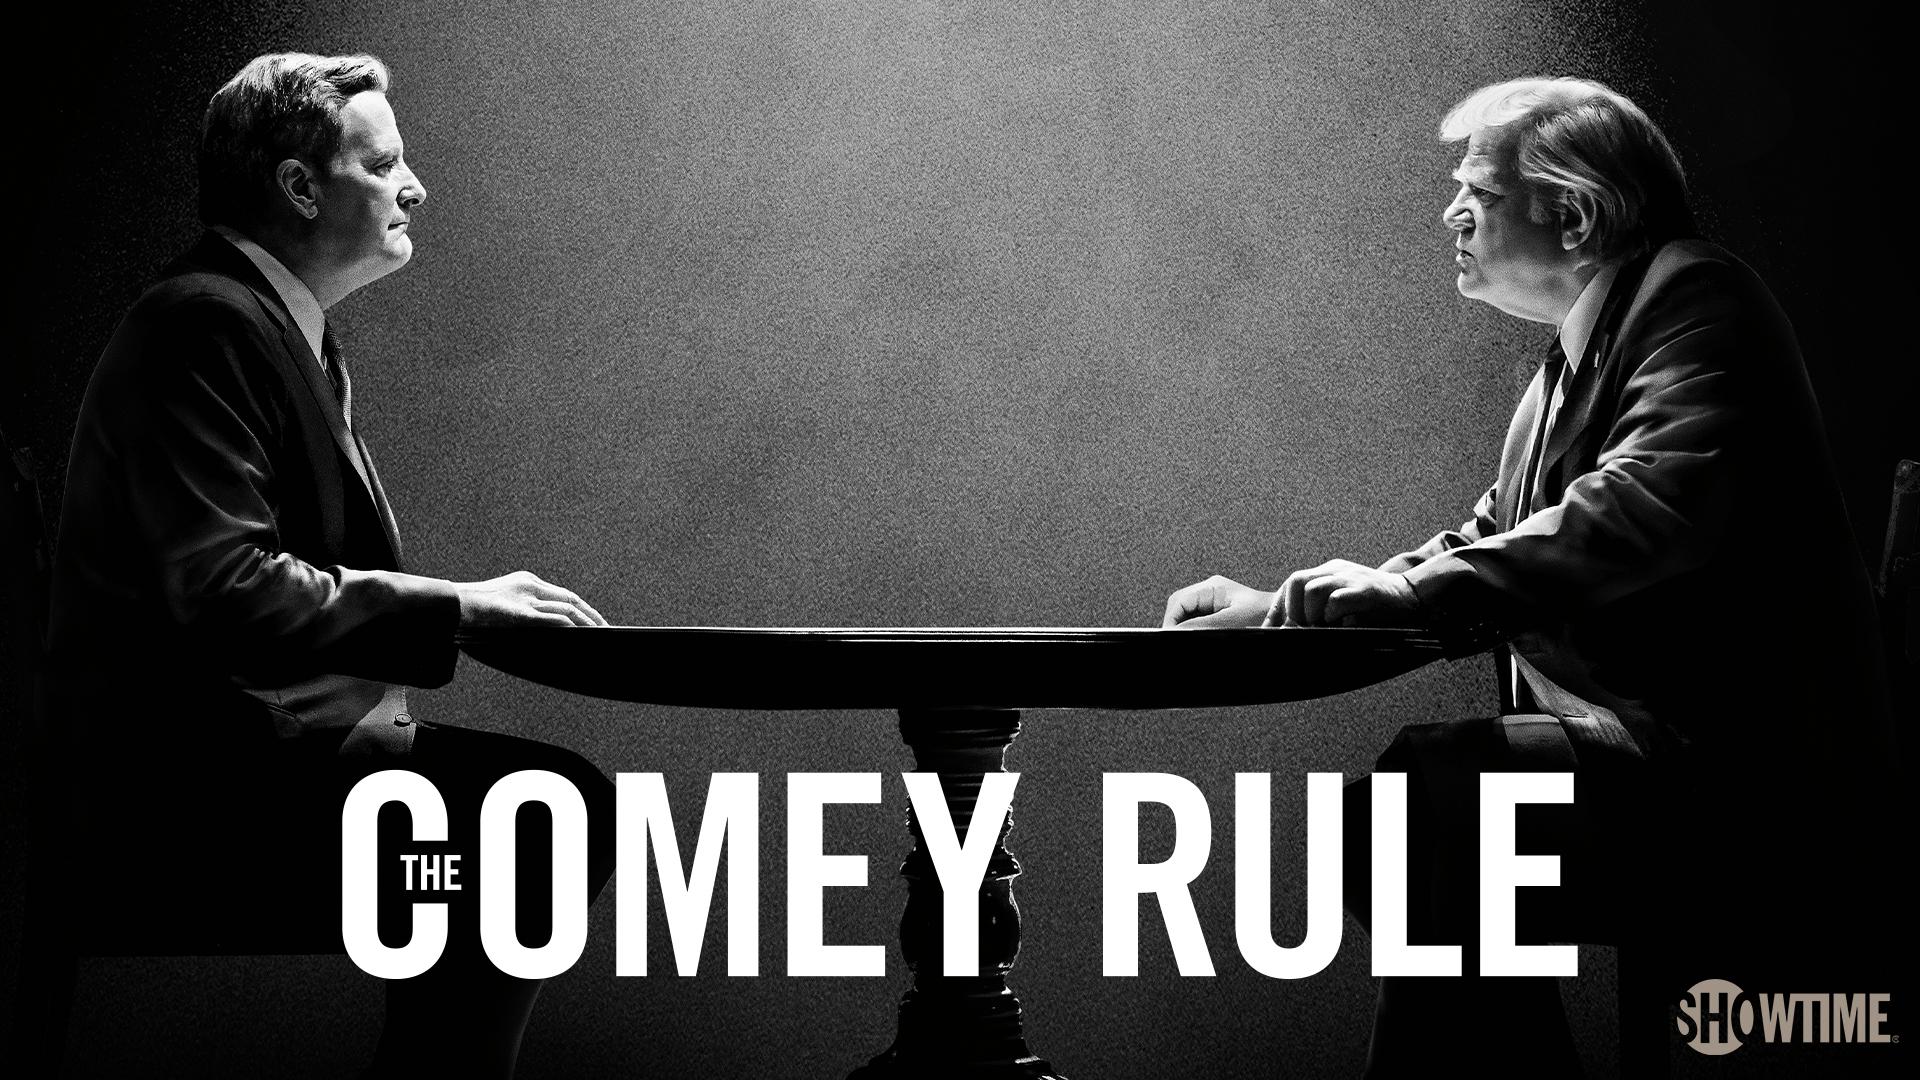 The Comey Rule Season 1